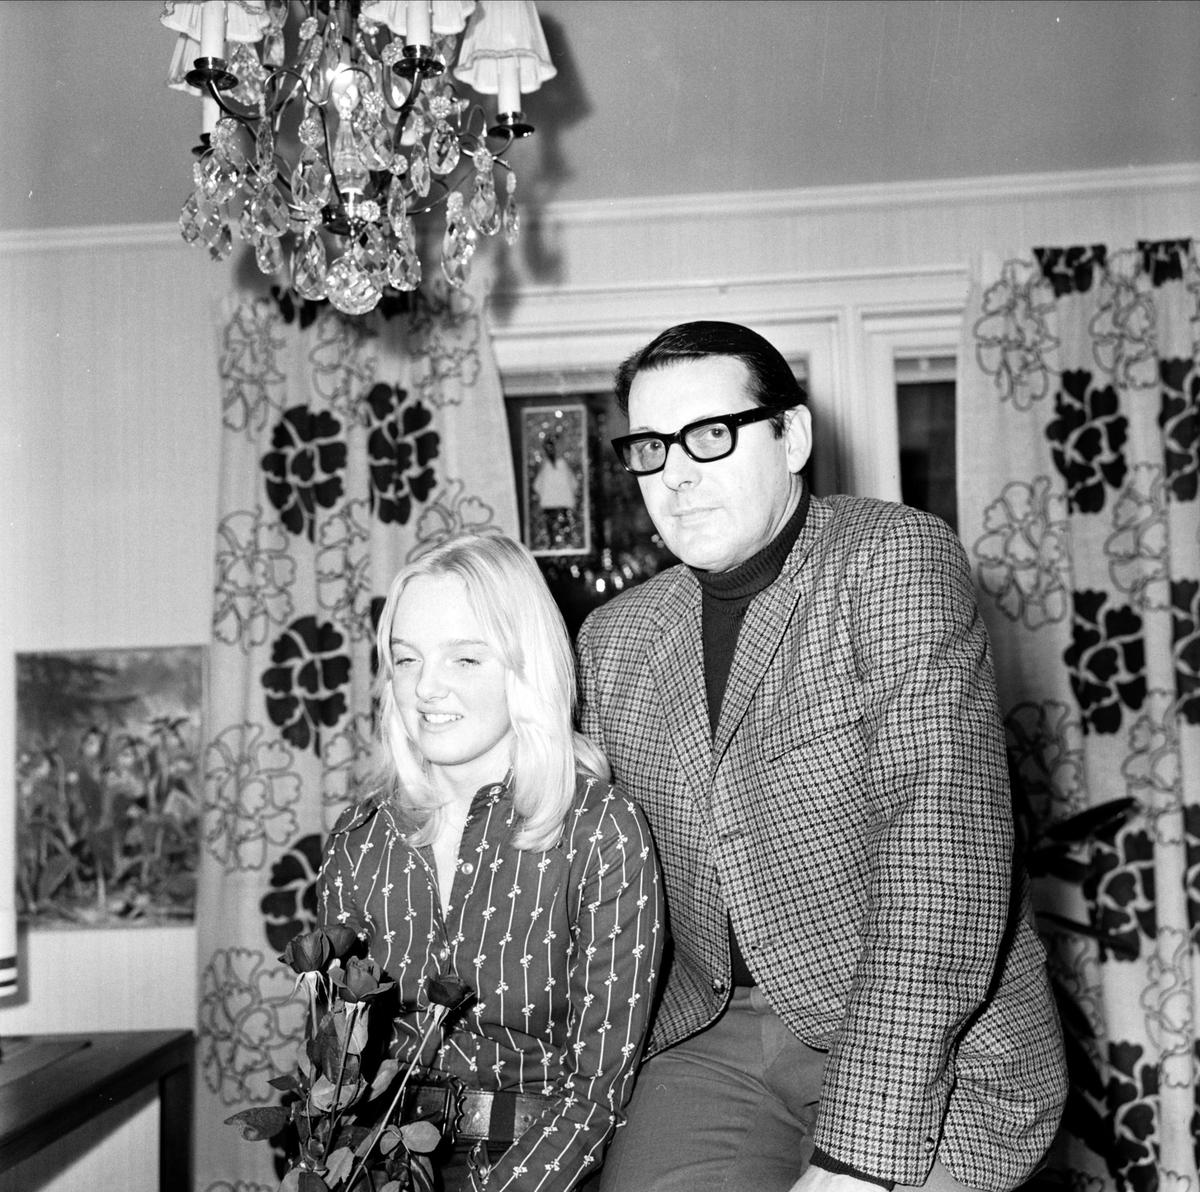 Yvonne Eriksson, Tierps lucia, Tierp, Uppland december 1973